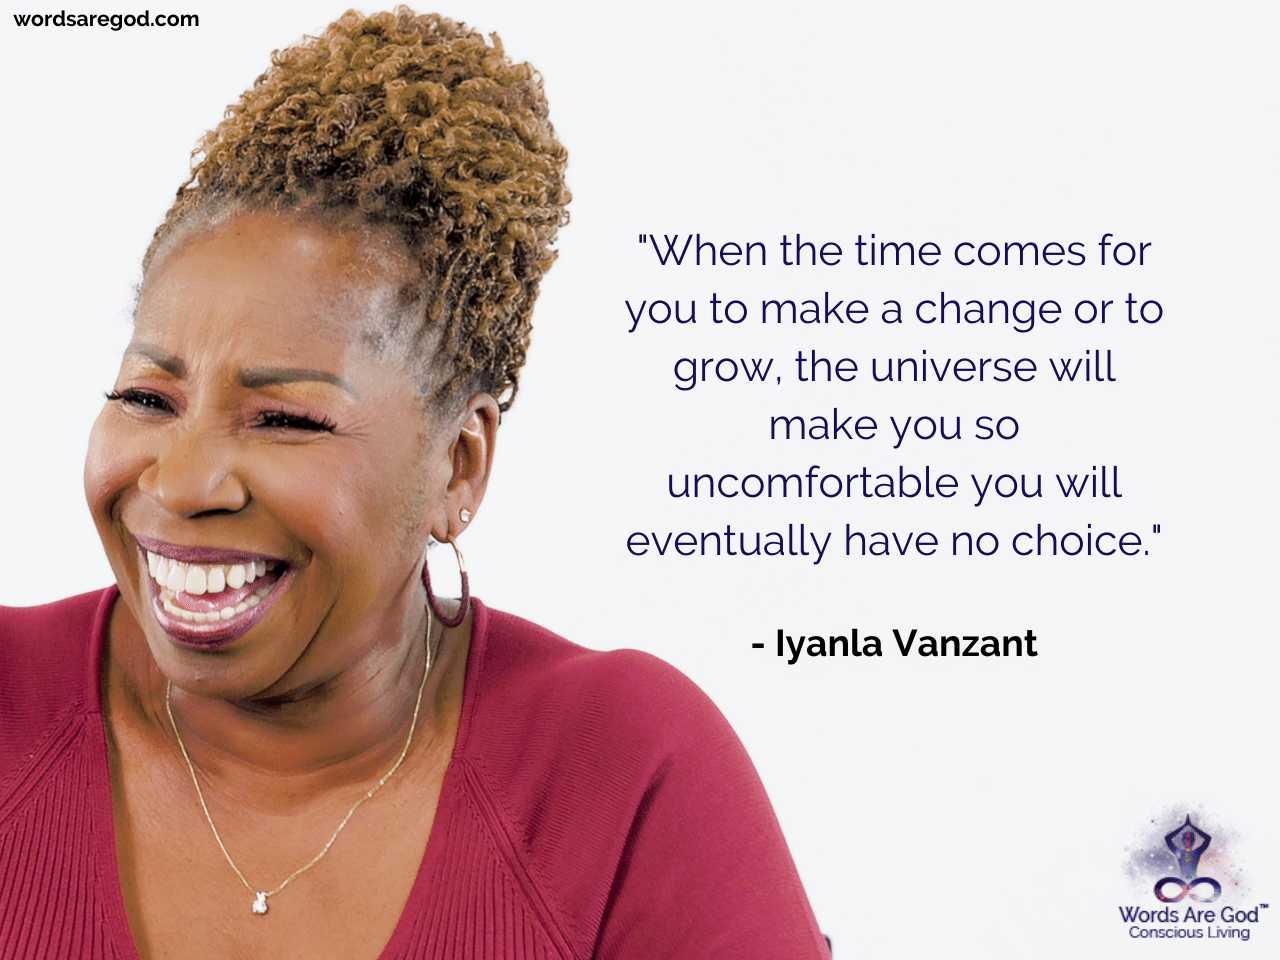 Iyanla Vanzant Life Quotes